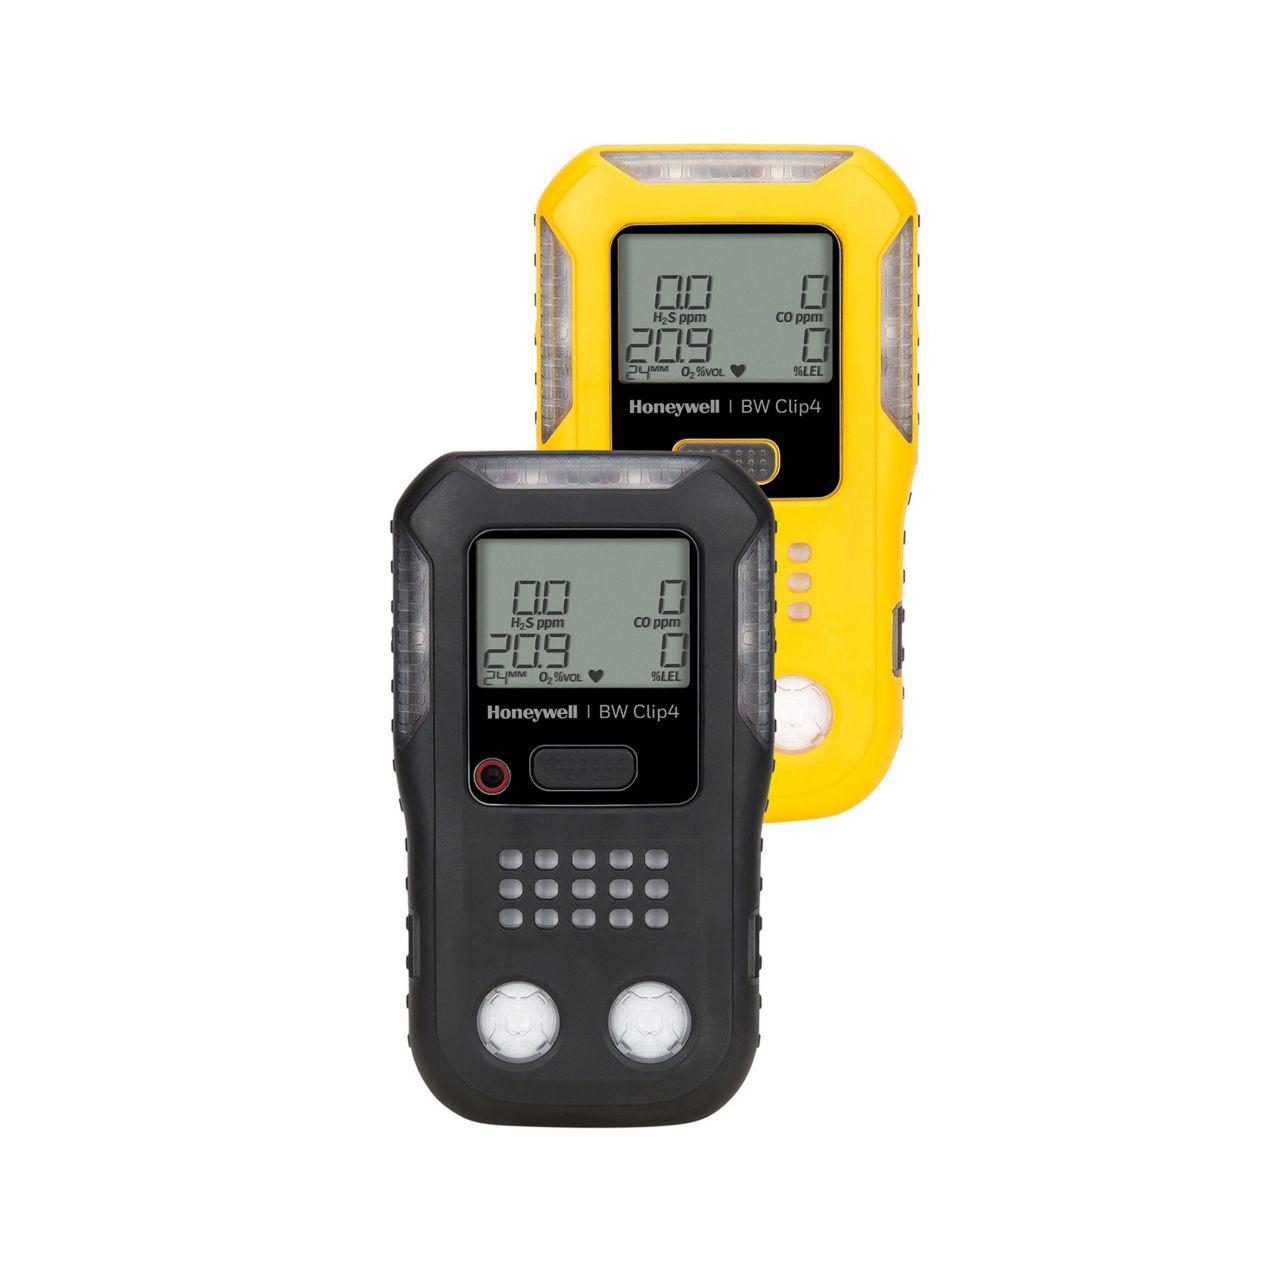 Multi Gas Monitor : BW Clip4